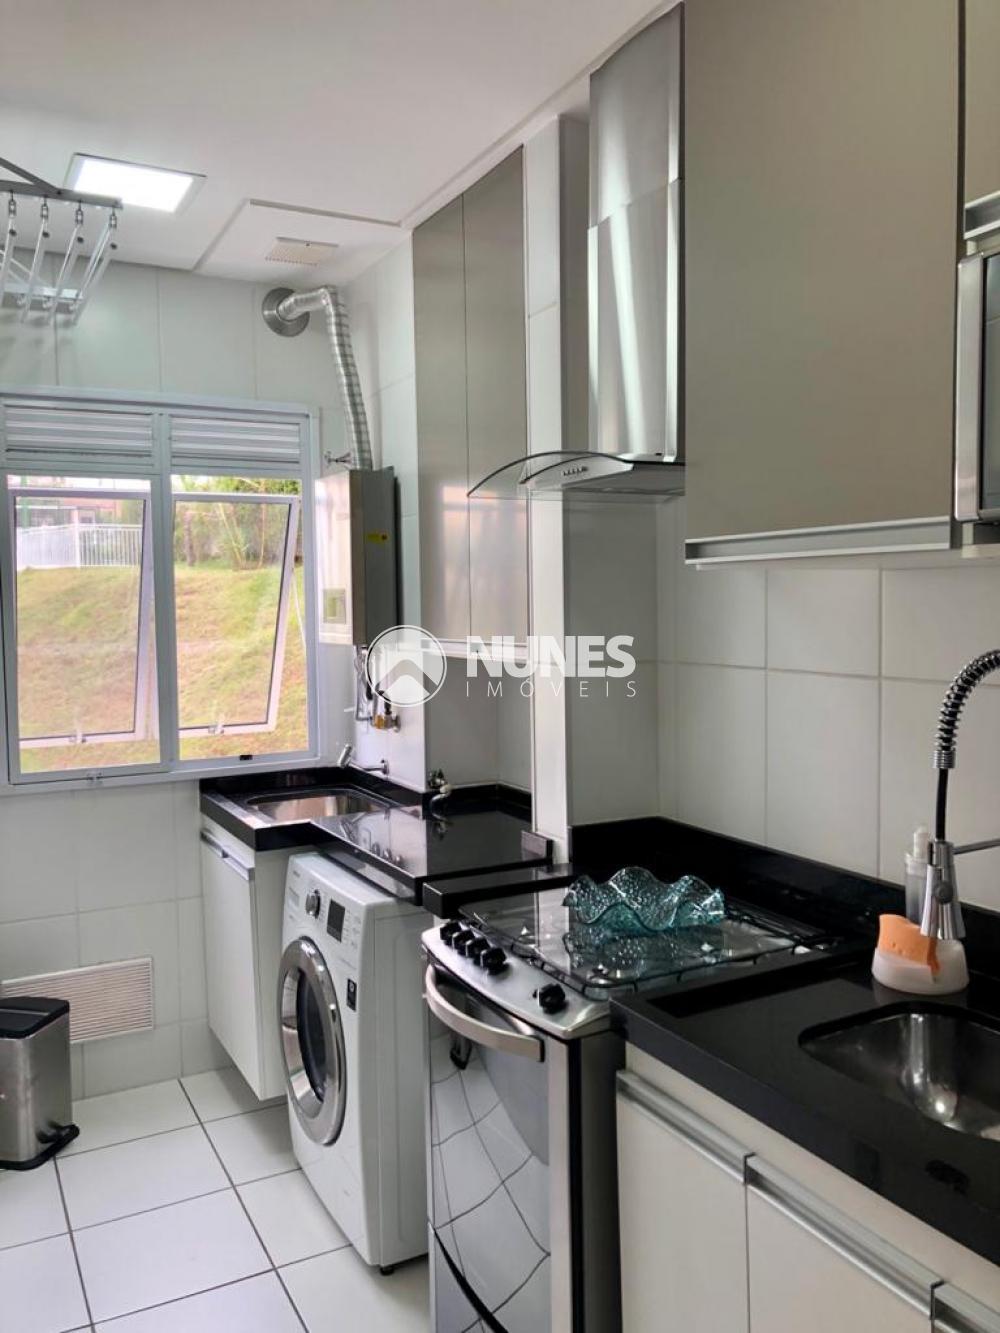 Comprar Apartamento / Padrão em Osasco R$ 250.000,00 - Foto 6